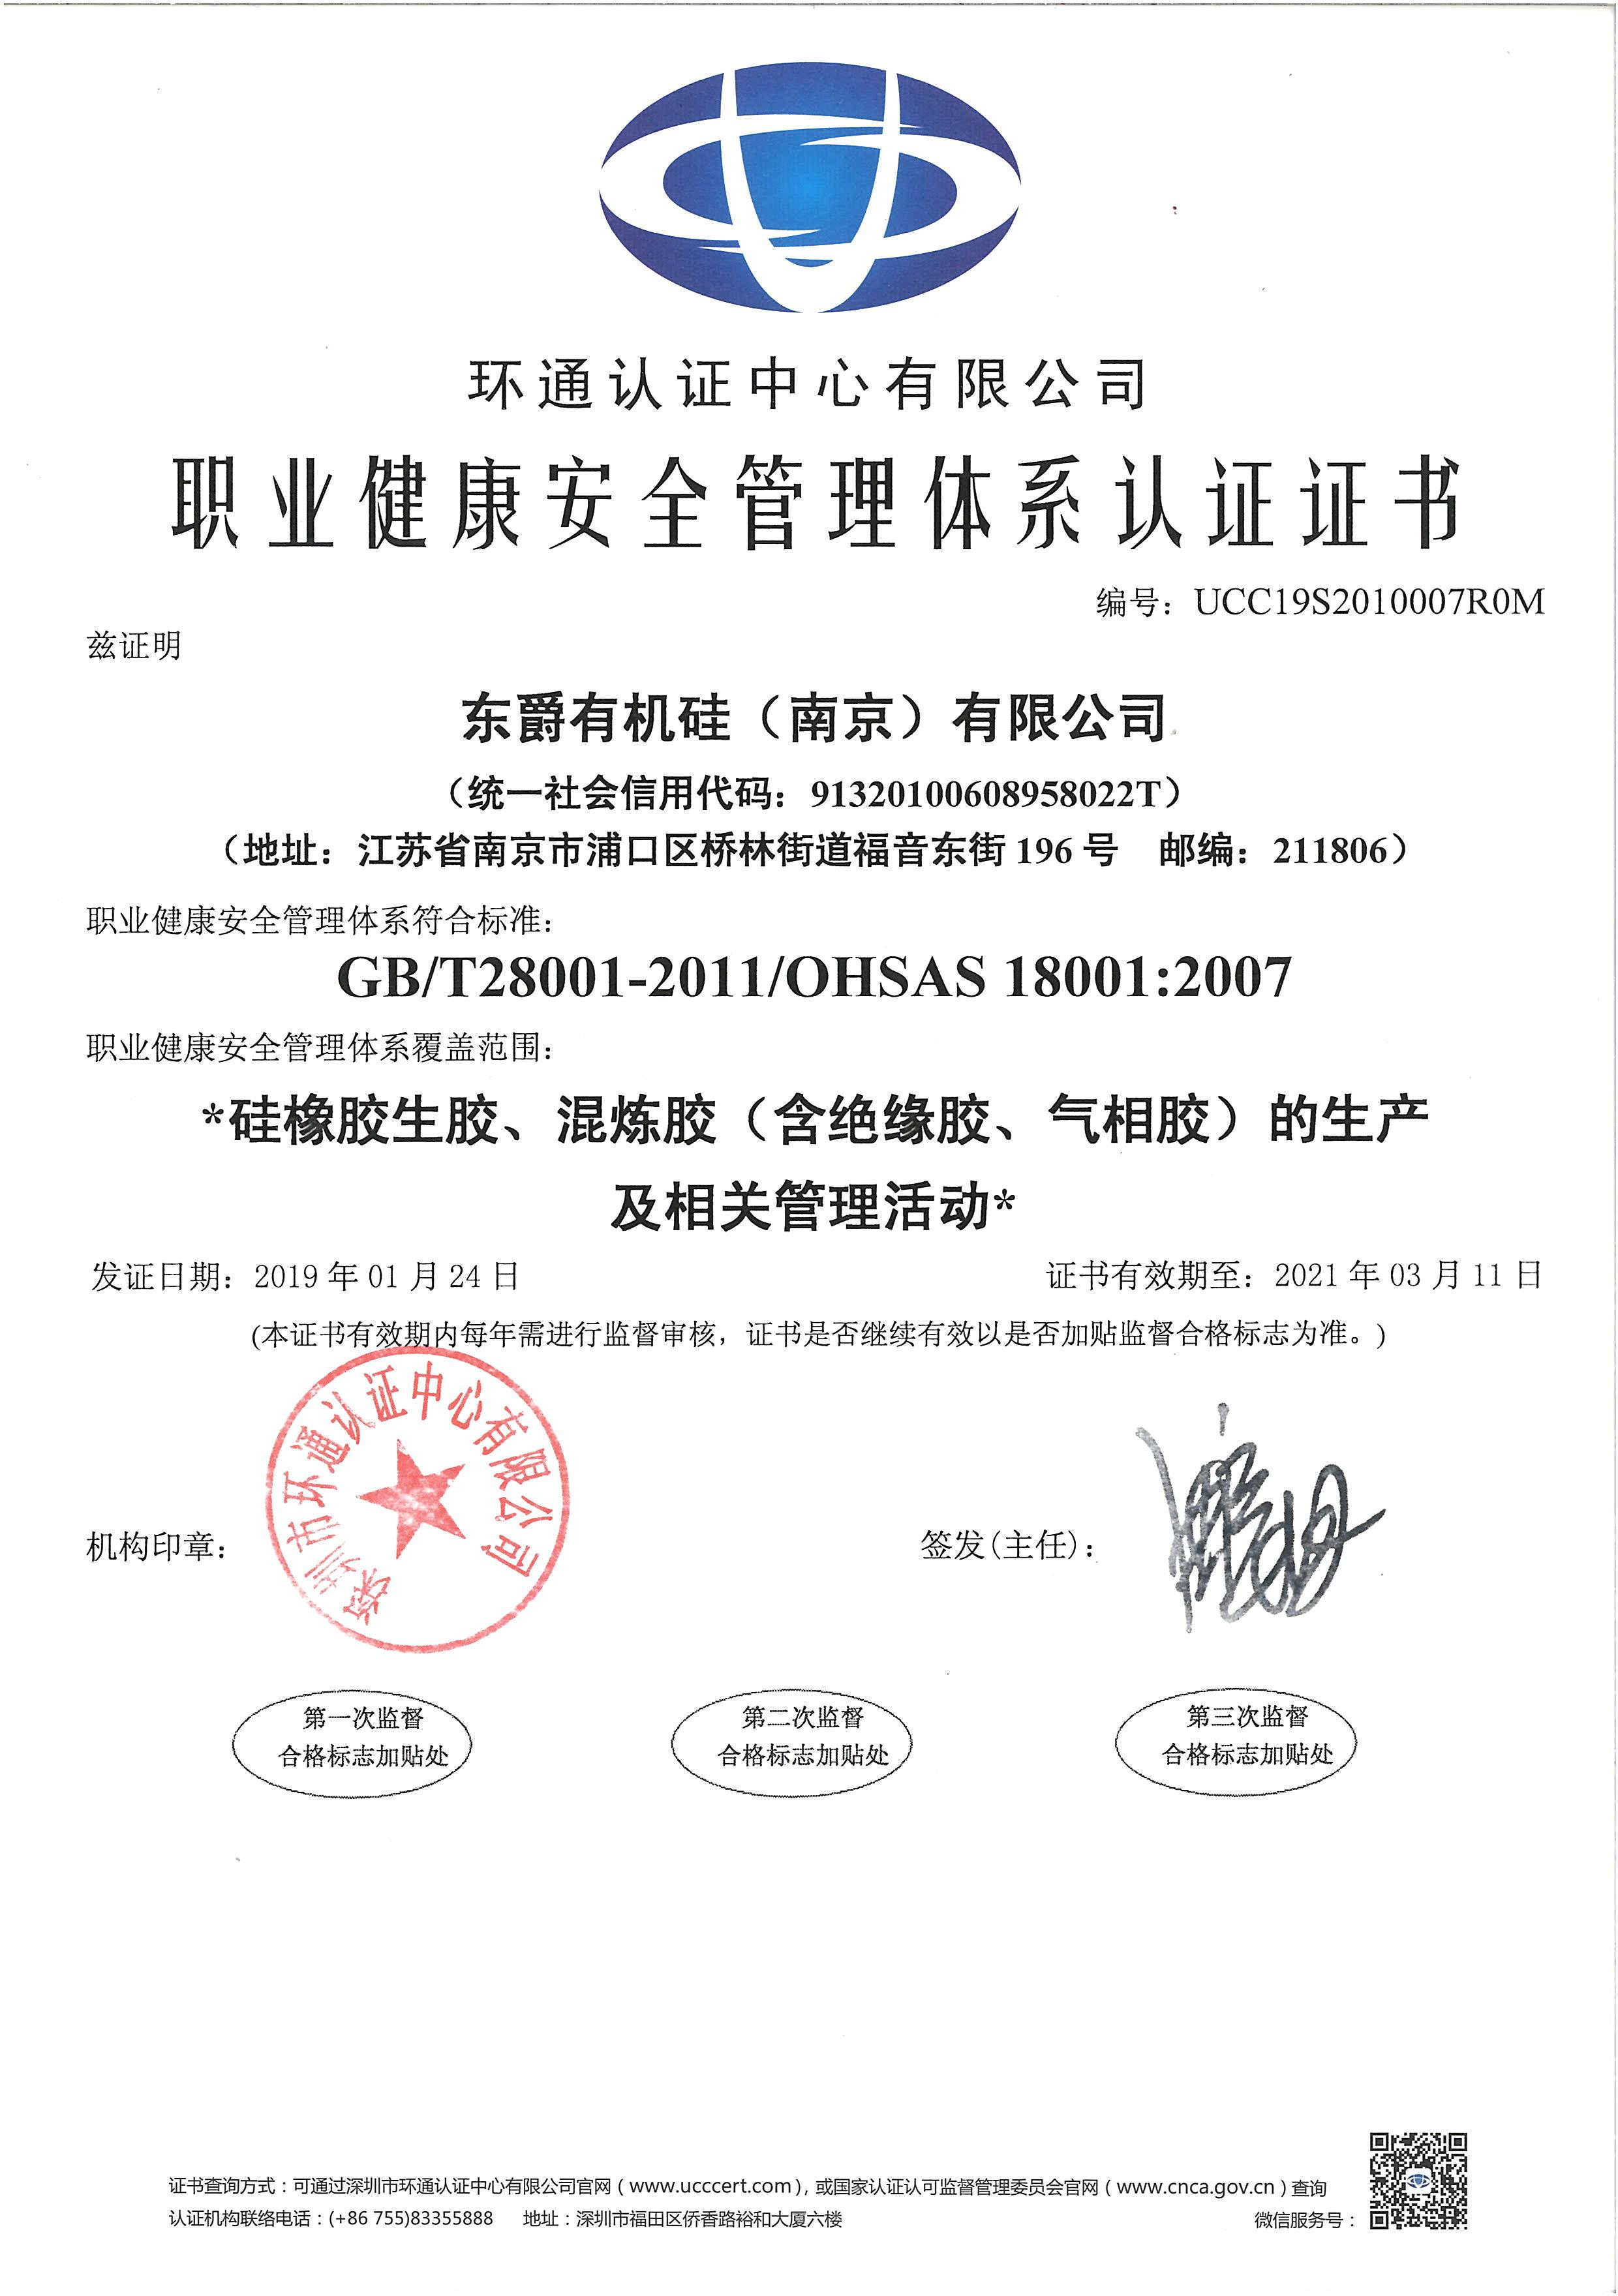 职业健康安全管理体系认证(生胶、混炼胶)-中文